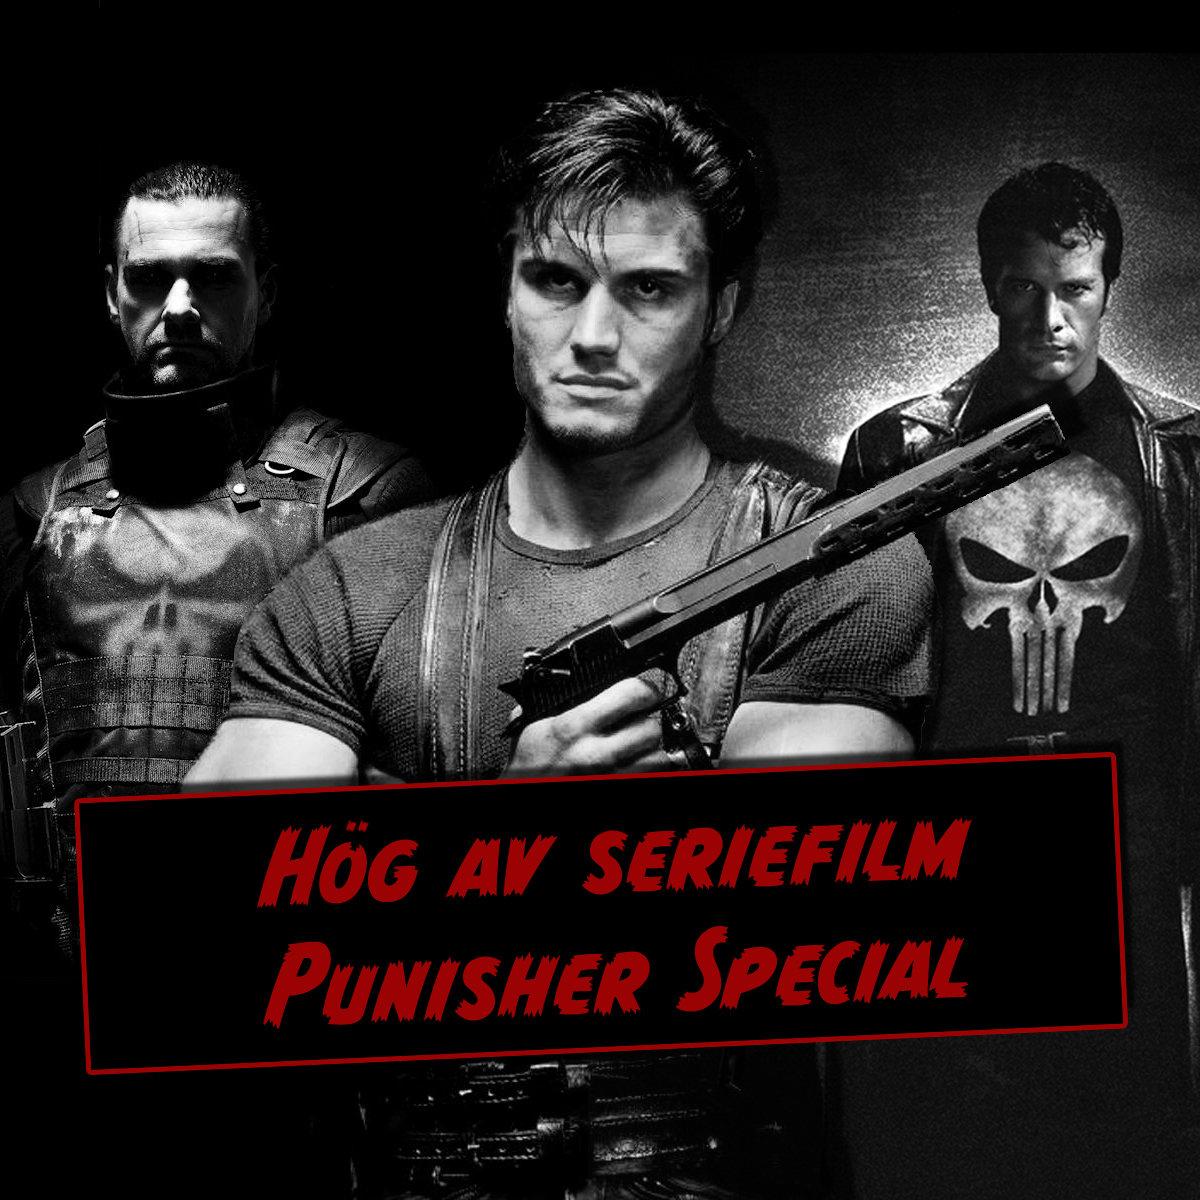 Punisher Special för en ynka Guldtia